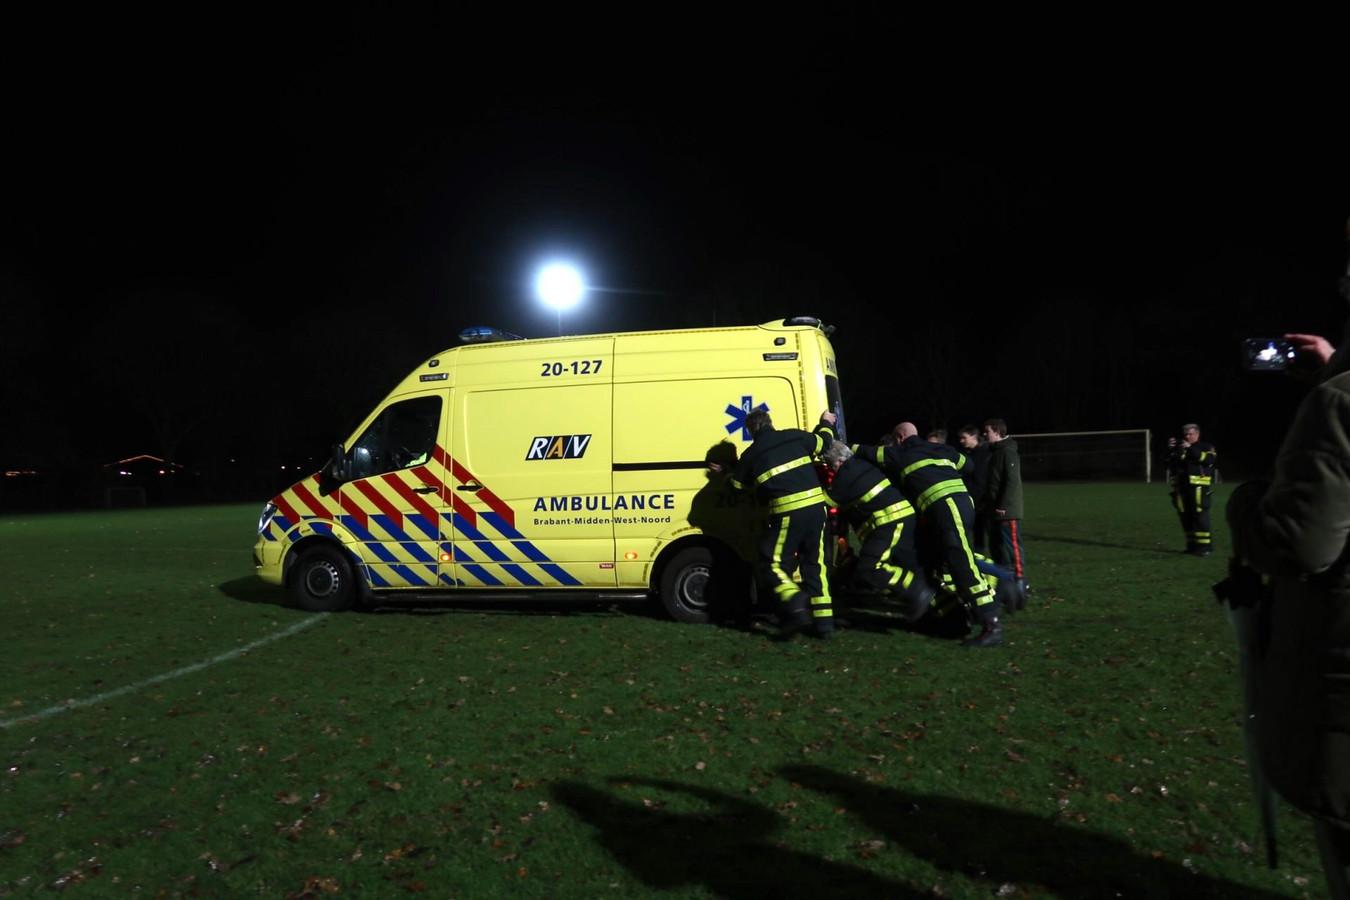 Ambulance rijdt zich vast, elftal en brandweer korps schieten te hulp